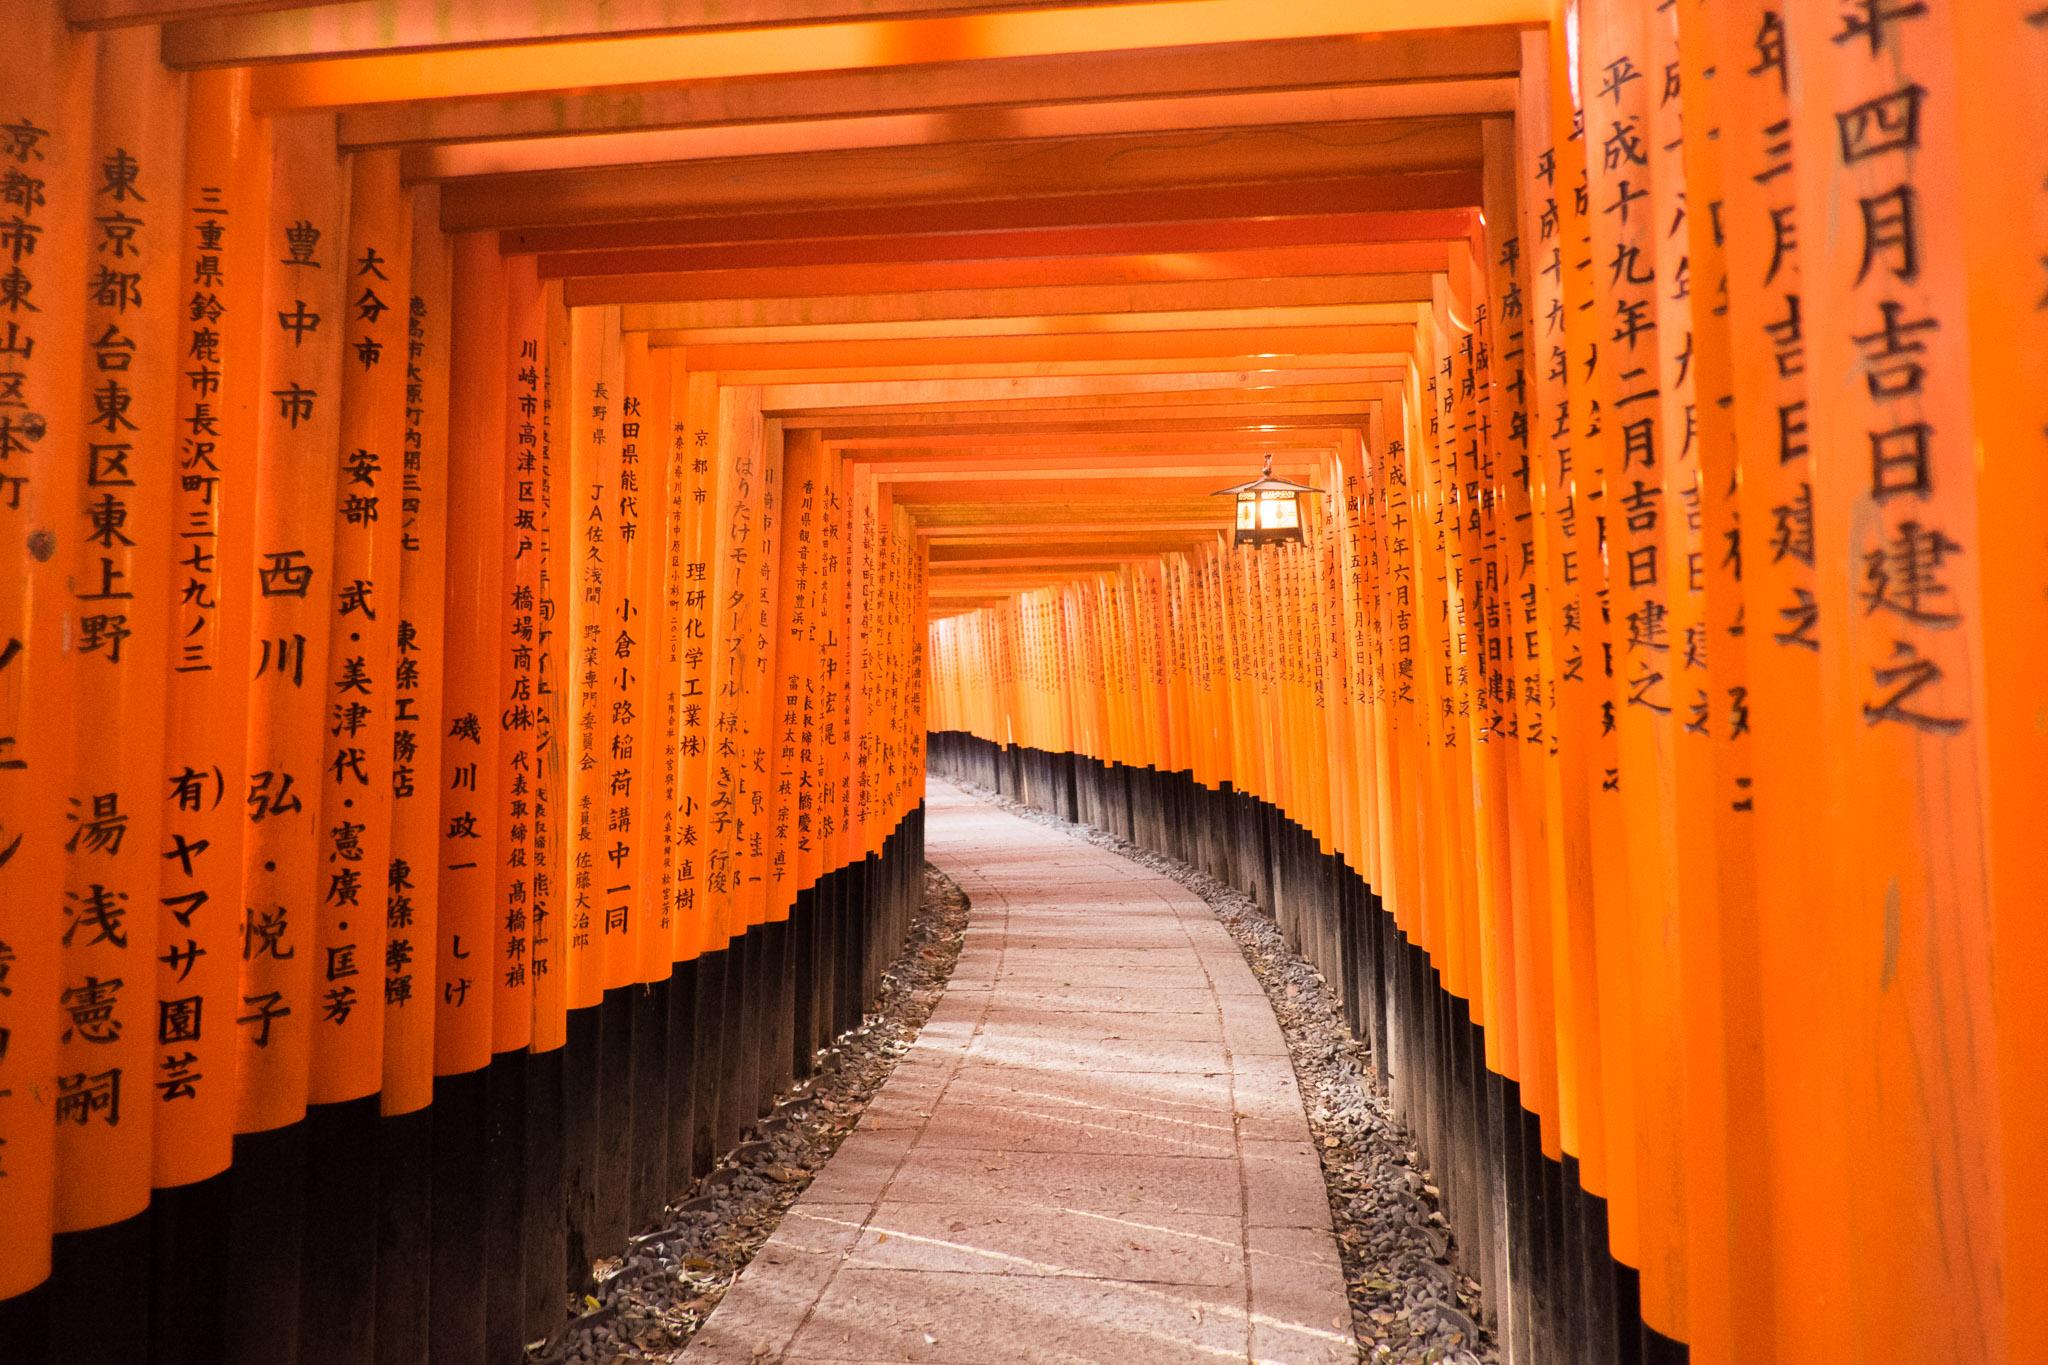 japan-kyoto-fushimi-inari-taisha-shrine-3.jpg